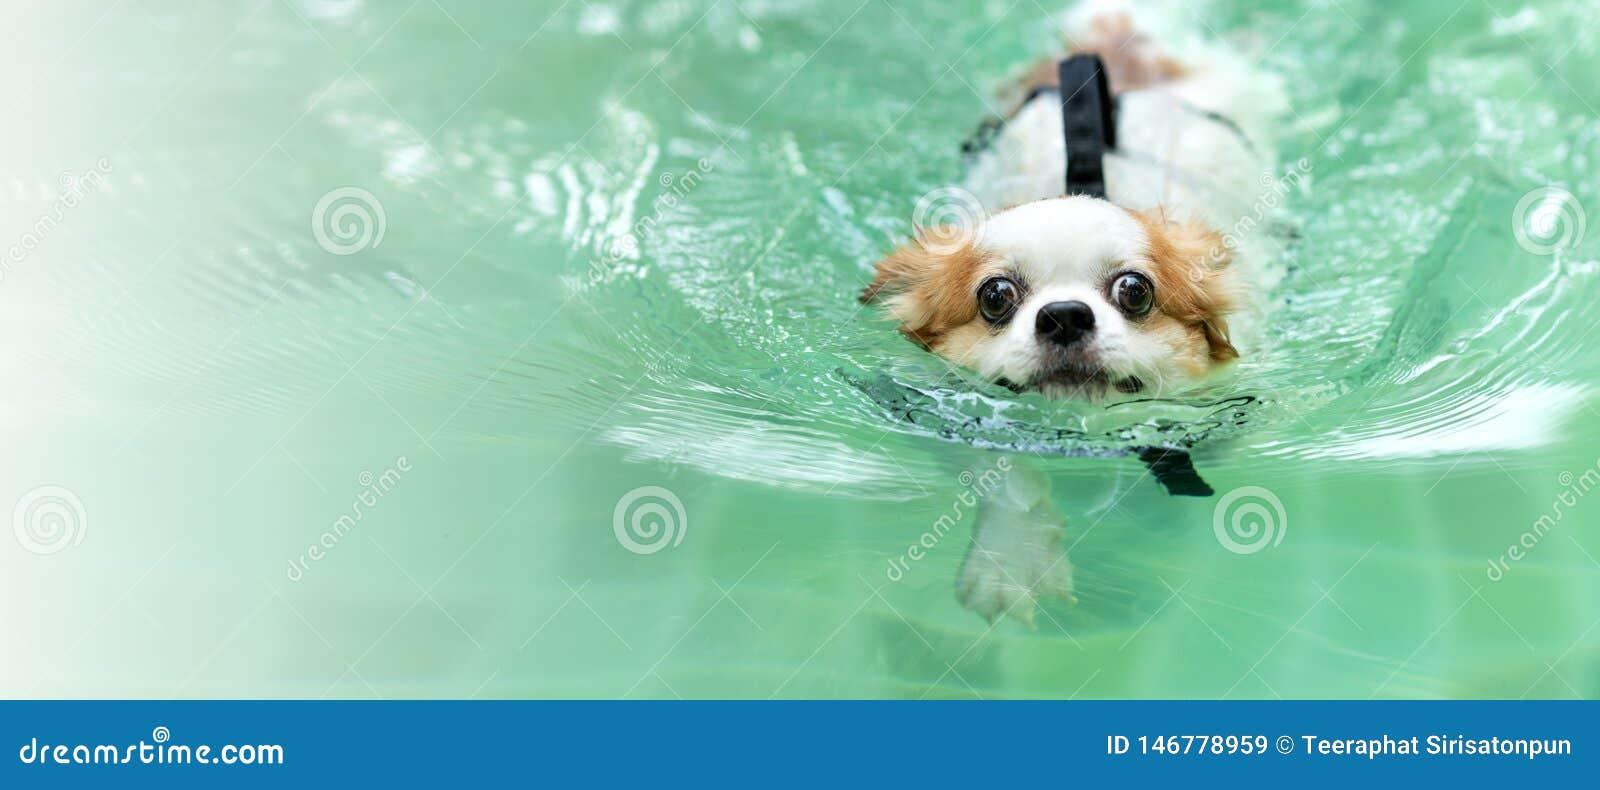 Junger Chihuahuahundetragendes Schwimmweste-Jackenschwimmen im Swimmingpool, der Kamera mit betrachtet, Freizeit am Feiertag sich